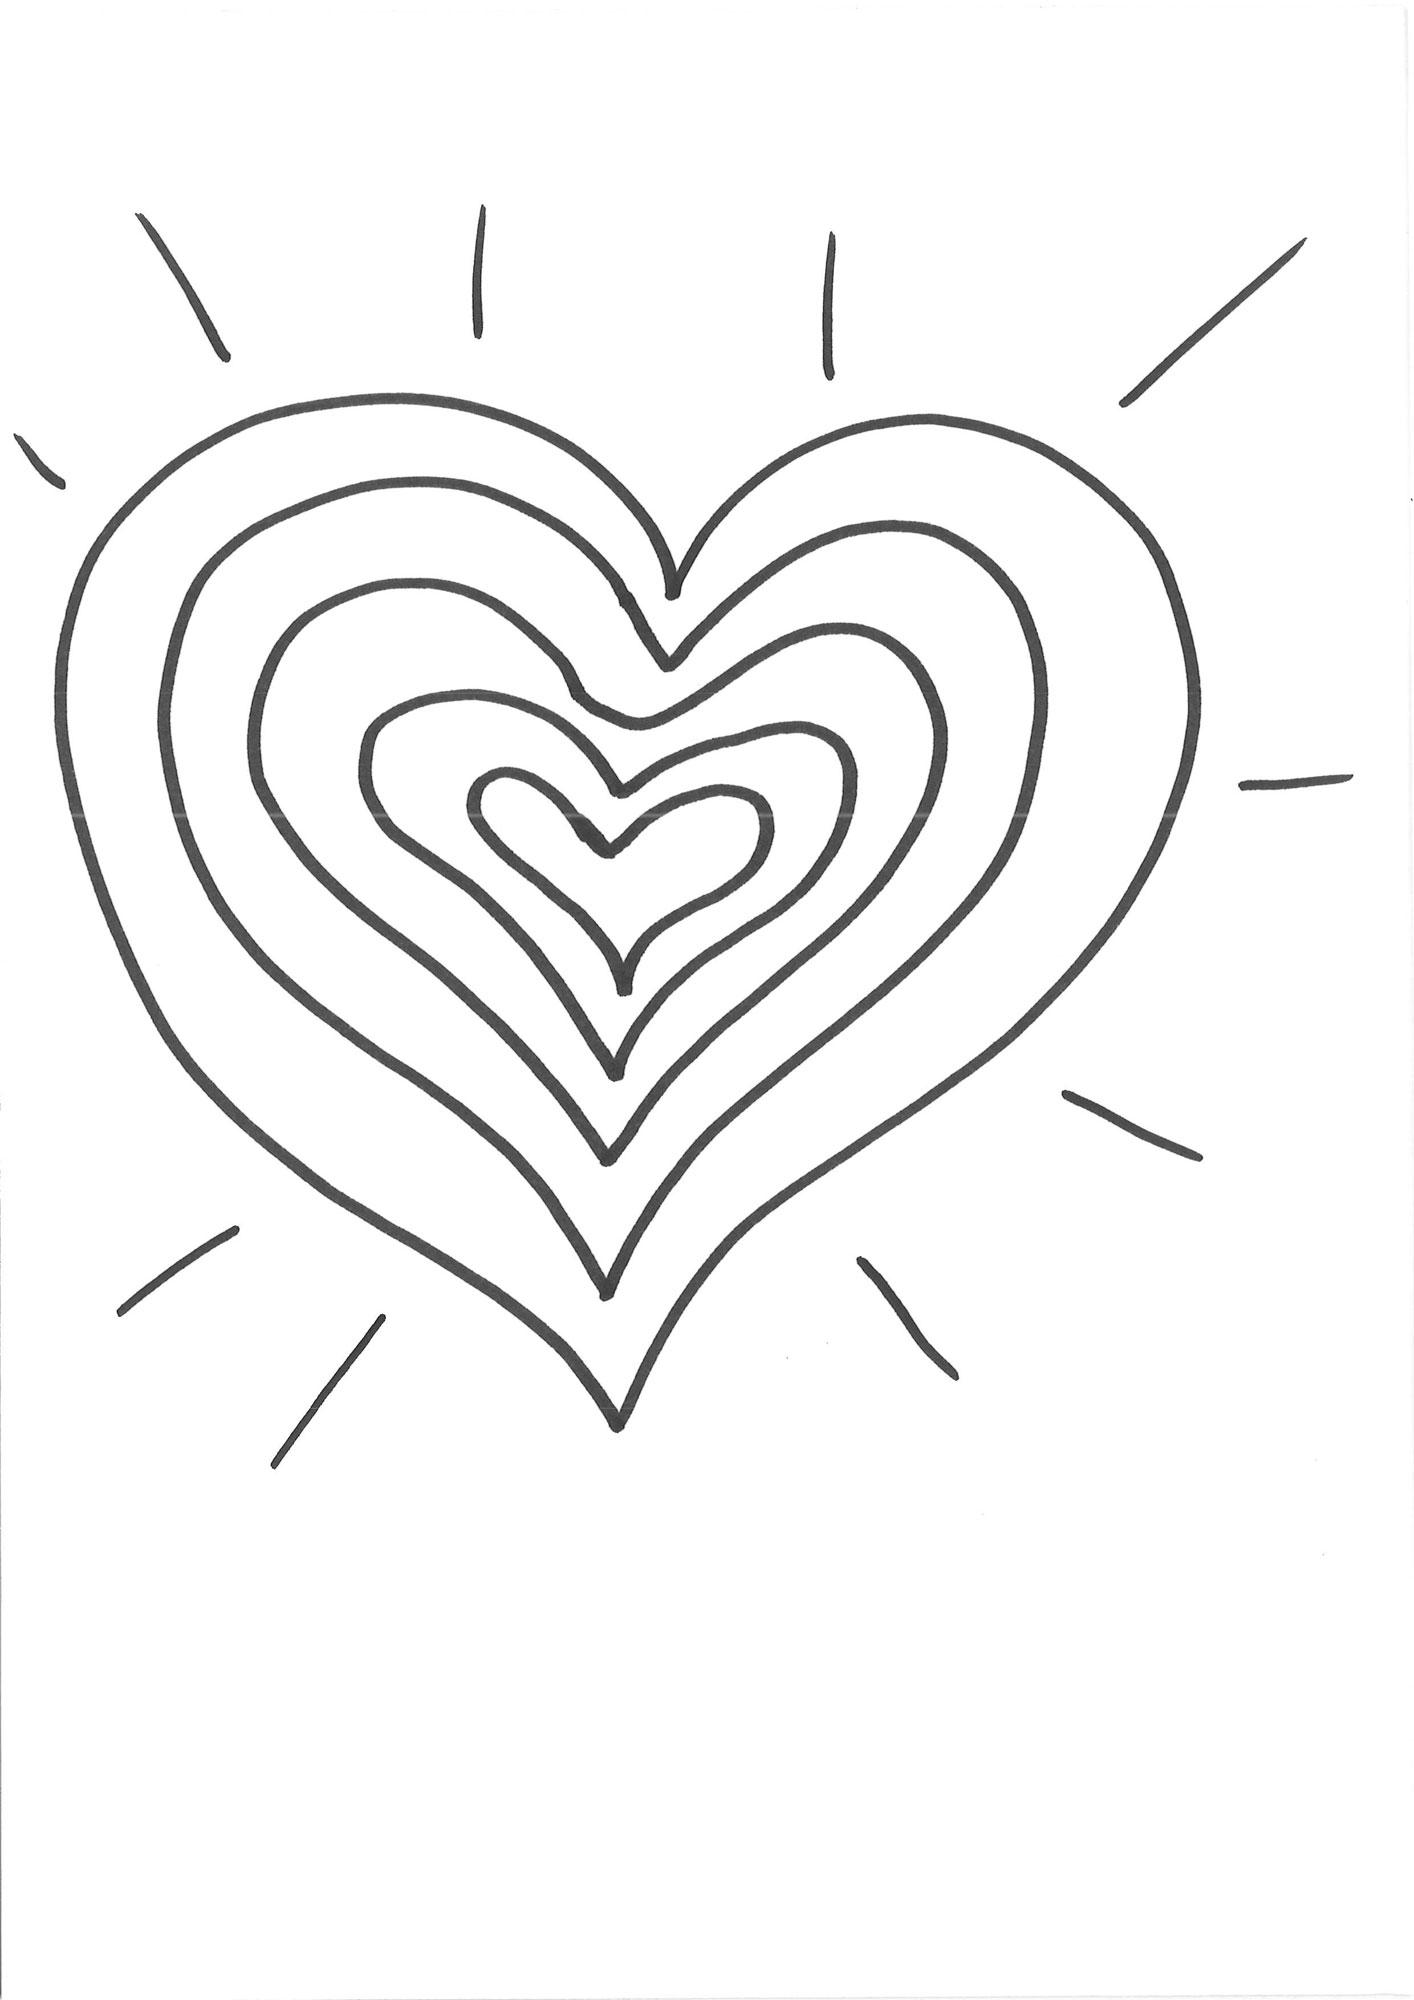 Ausmalbild Herzen Herz Zum Bemalen Kostenlos Ausdrucken